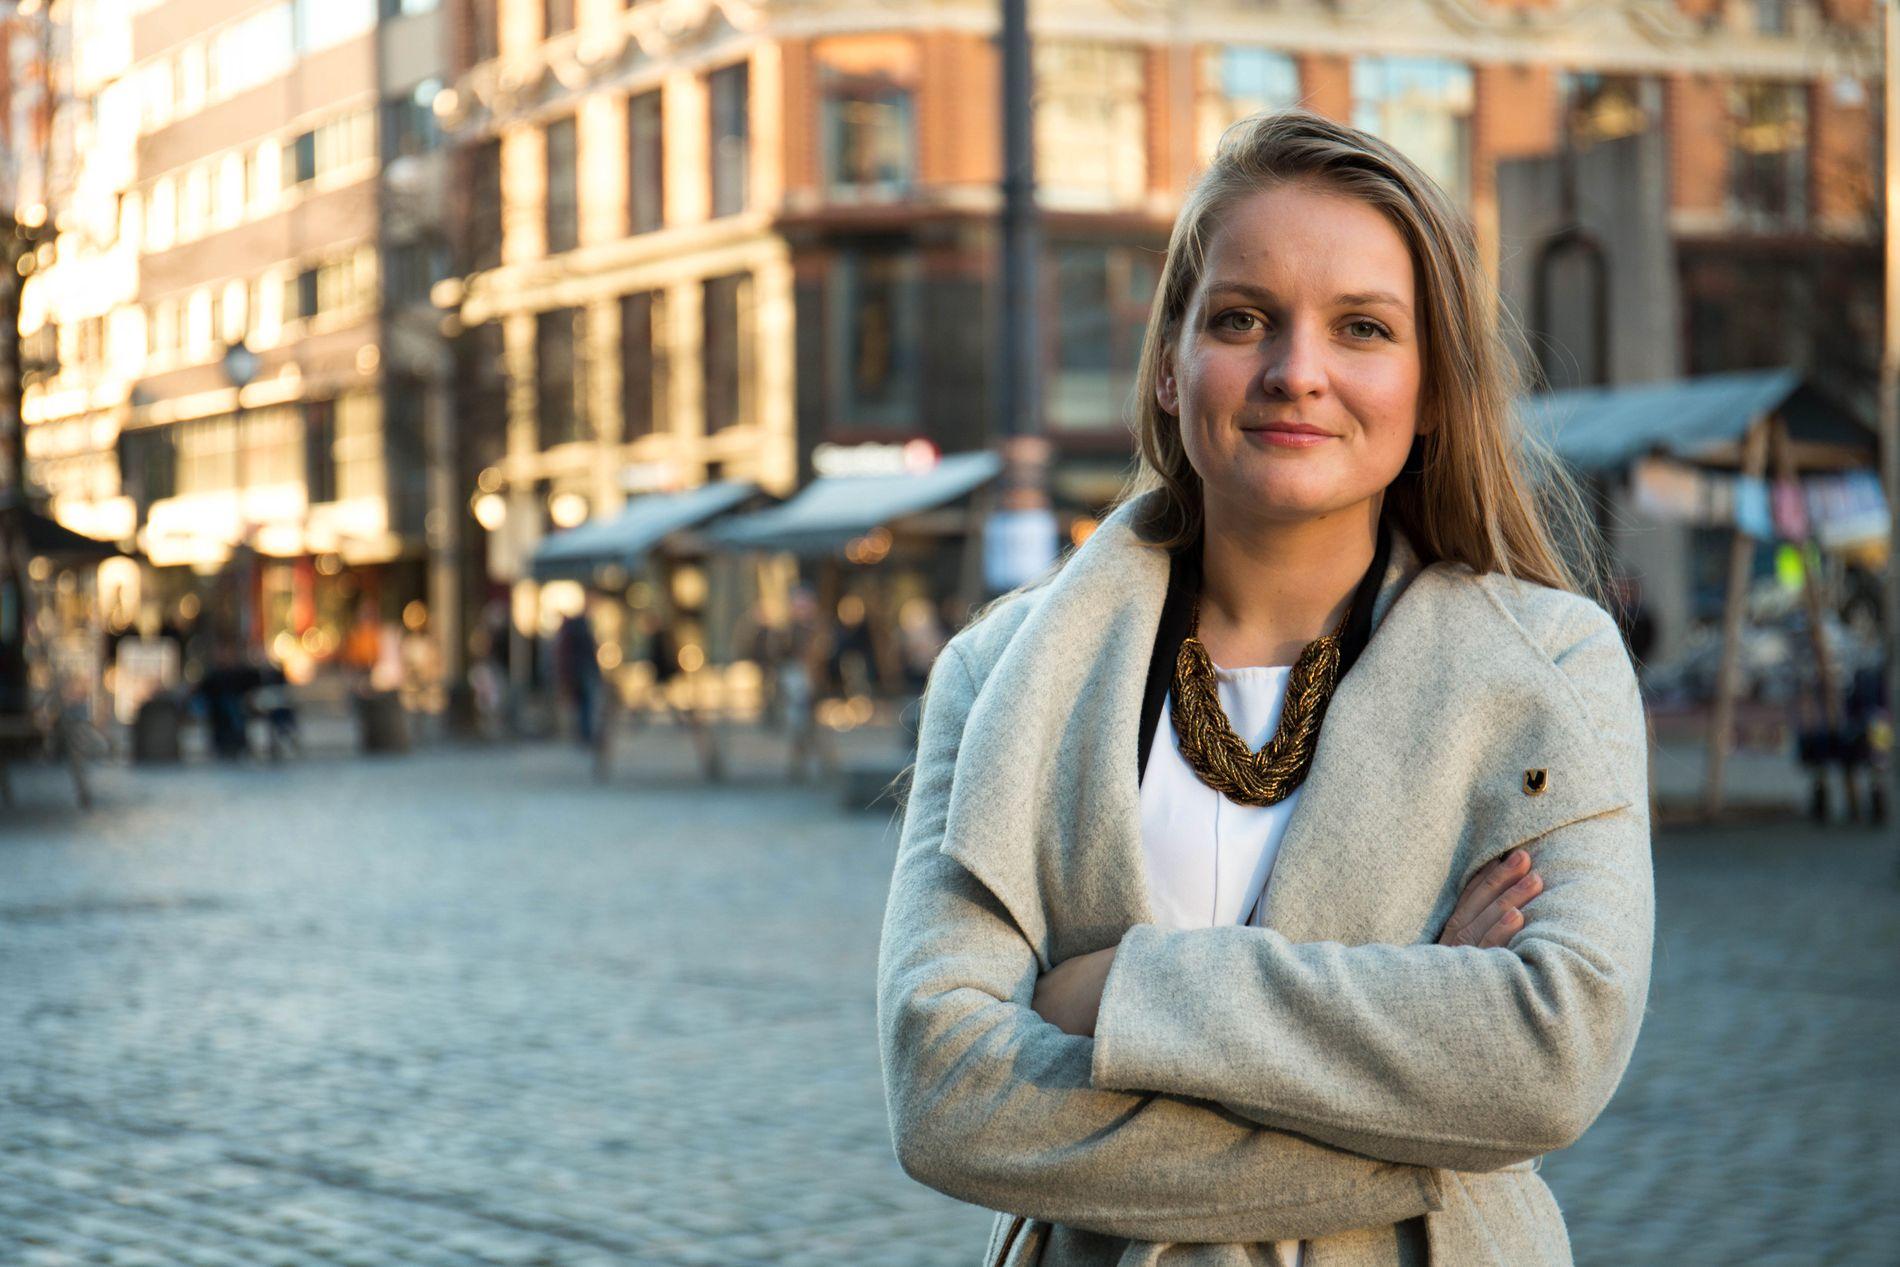 MISTET LIVET: Malviks ordfører Ingrid Aune gikk bort i båtulykken utenfor Namsos.